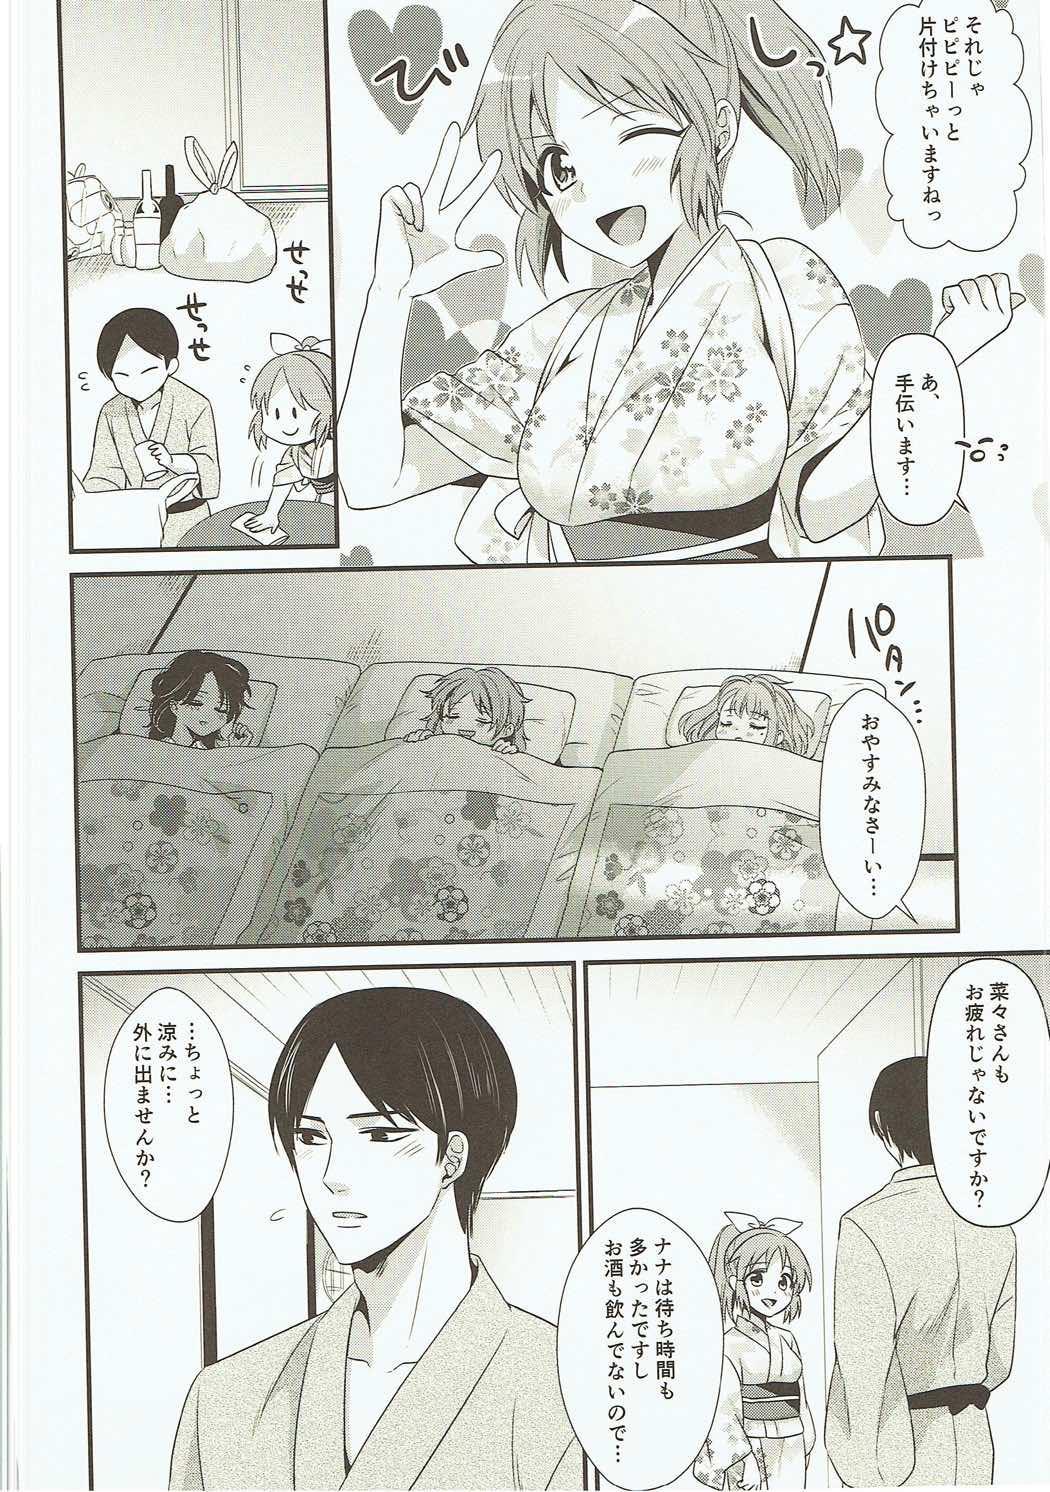 Boku no Nana-san wa Horoyoi Koyoi 4